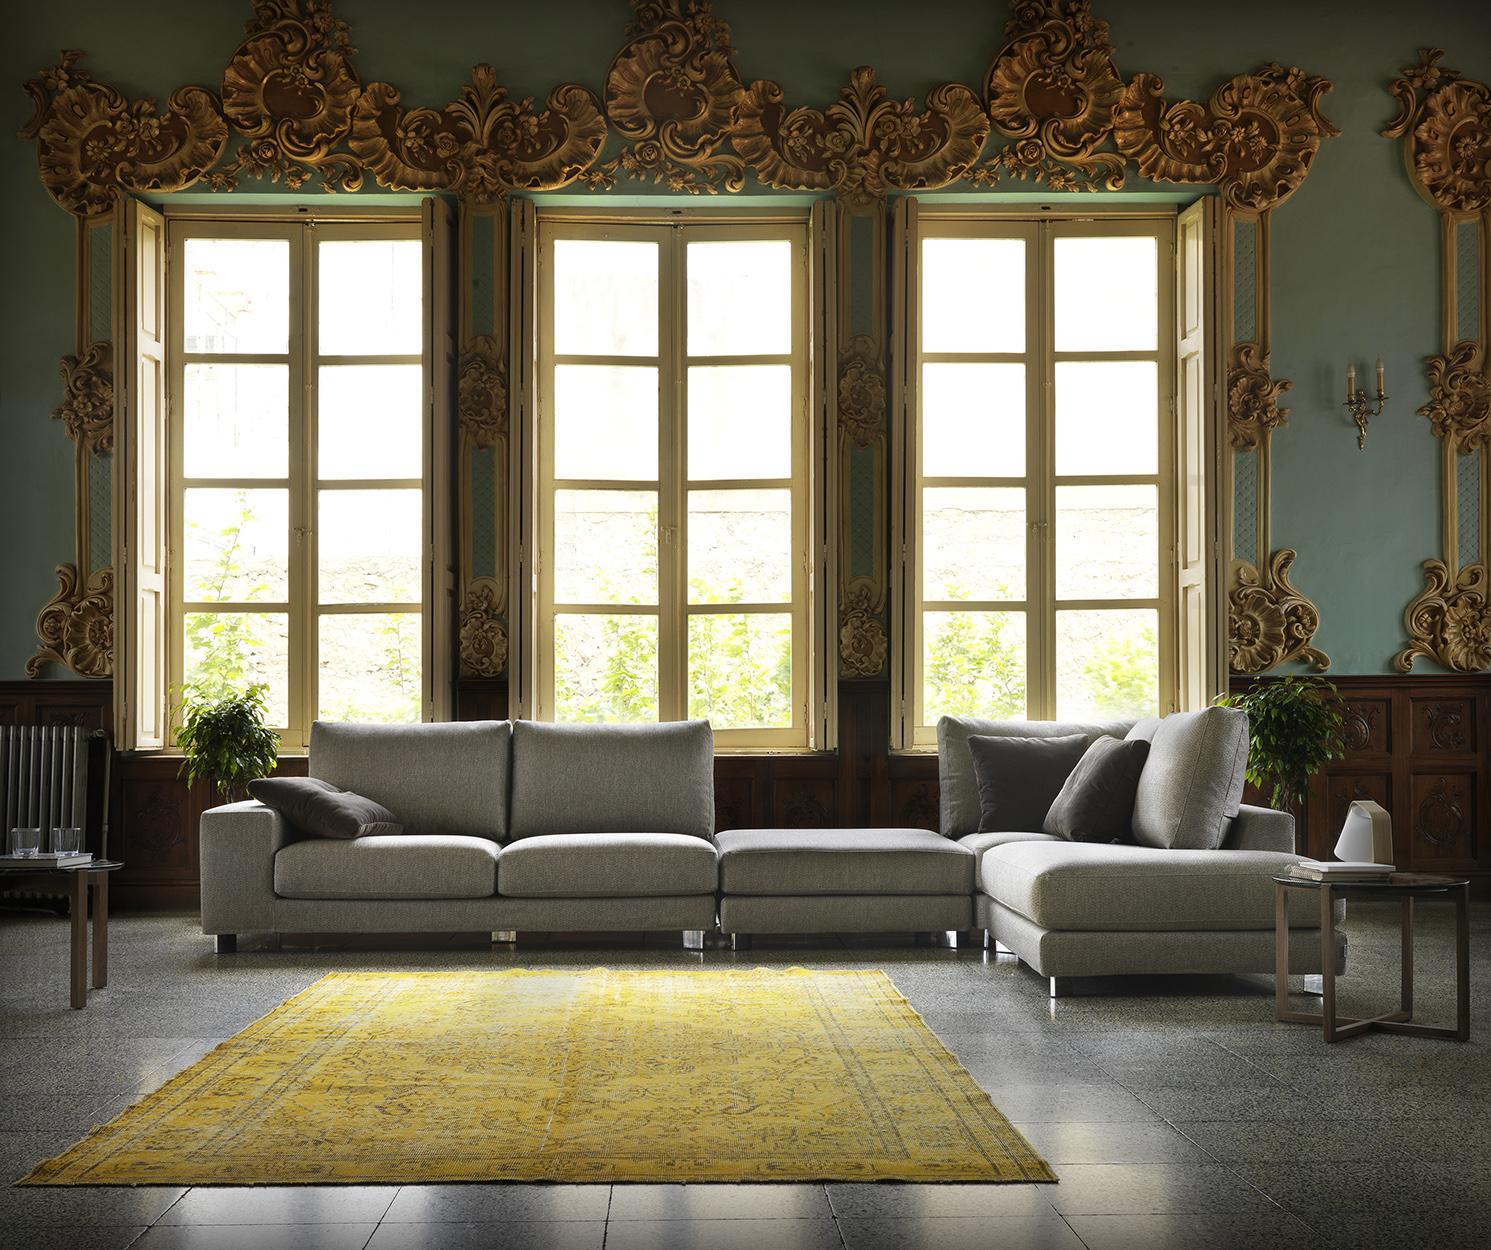 Alfombras de diseño, antigüedades y elegancia